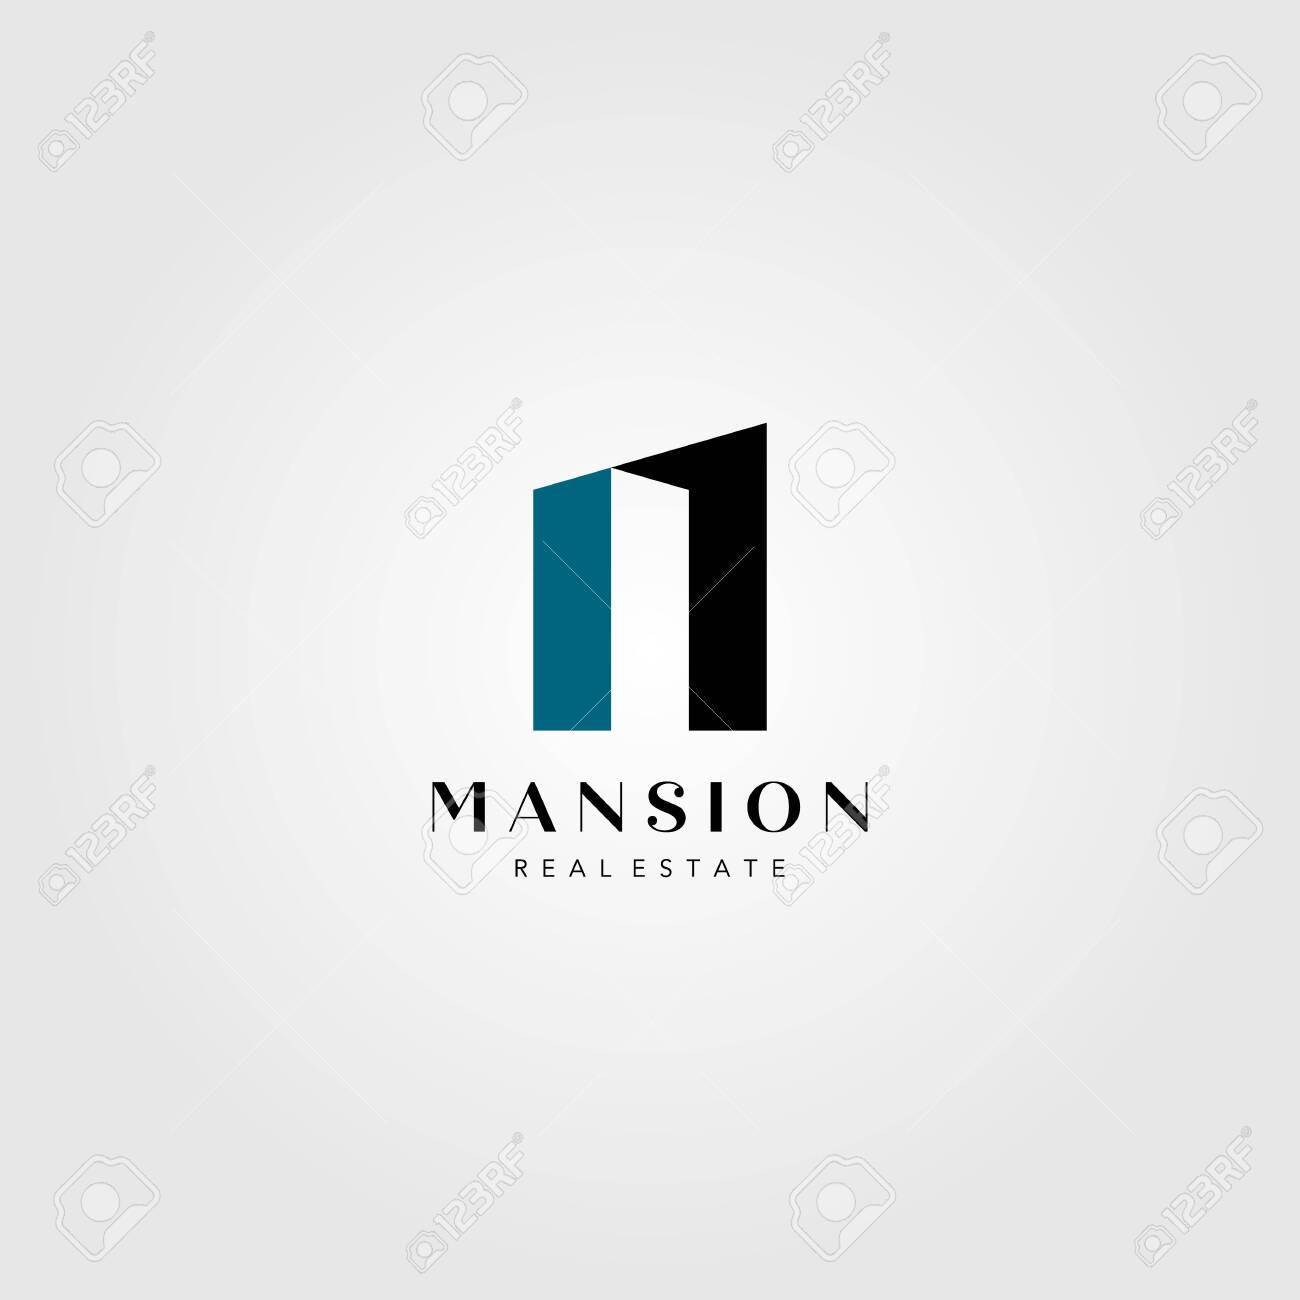 real estate building logo mansion number one vector illustration - 146209609